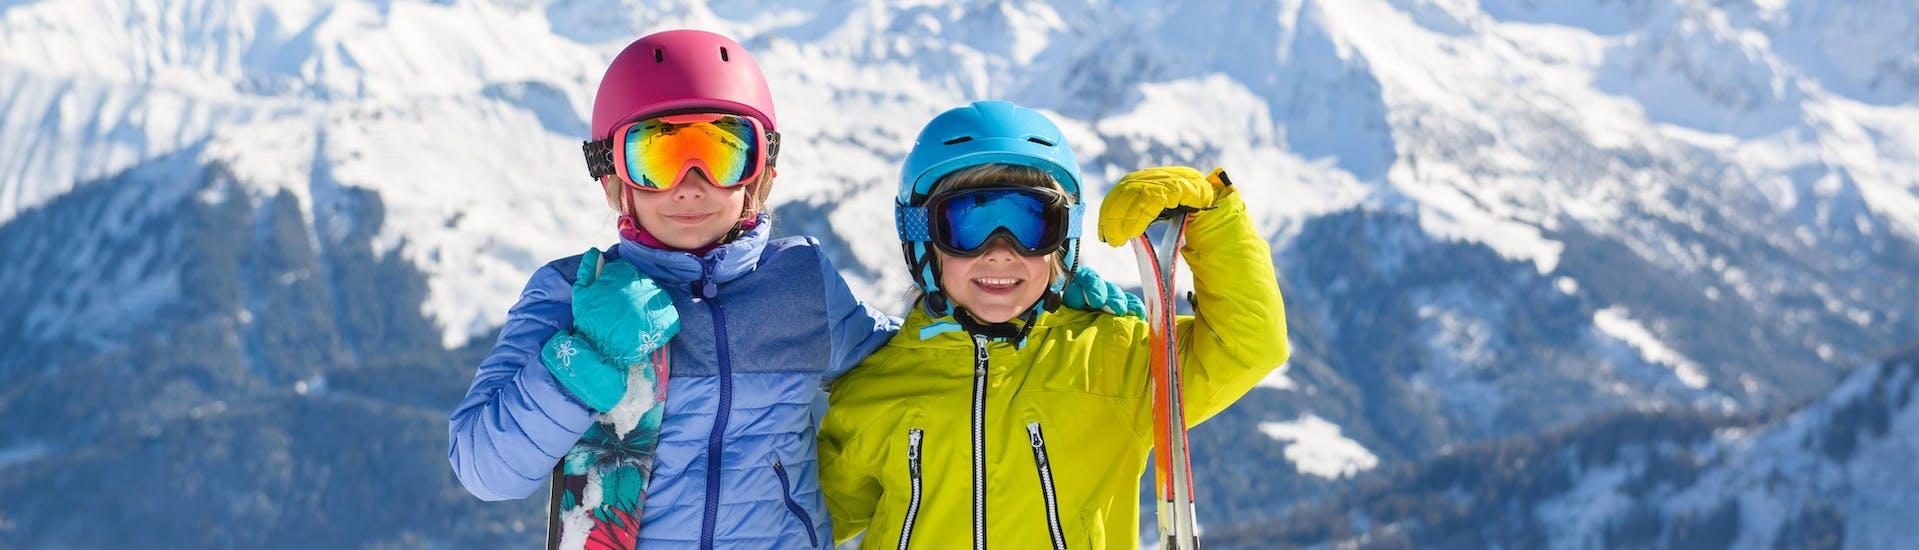 Twee kinderen in complete ski uitrusting glimlachen voor de camera terwijl ze zich voorbereiden op hun kinderskilessen boven op de berg.